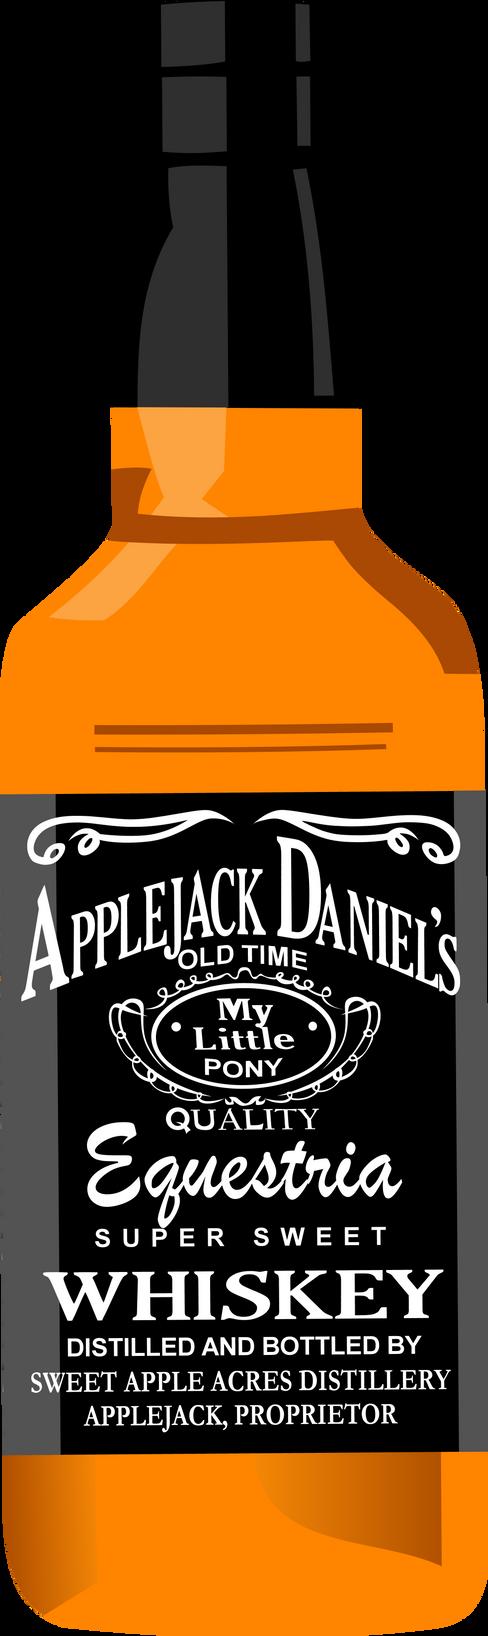 50 renders alimentation my little pony Applejack_daniel__s_by_up1ter-d4m7ga3